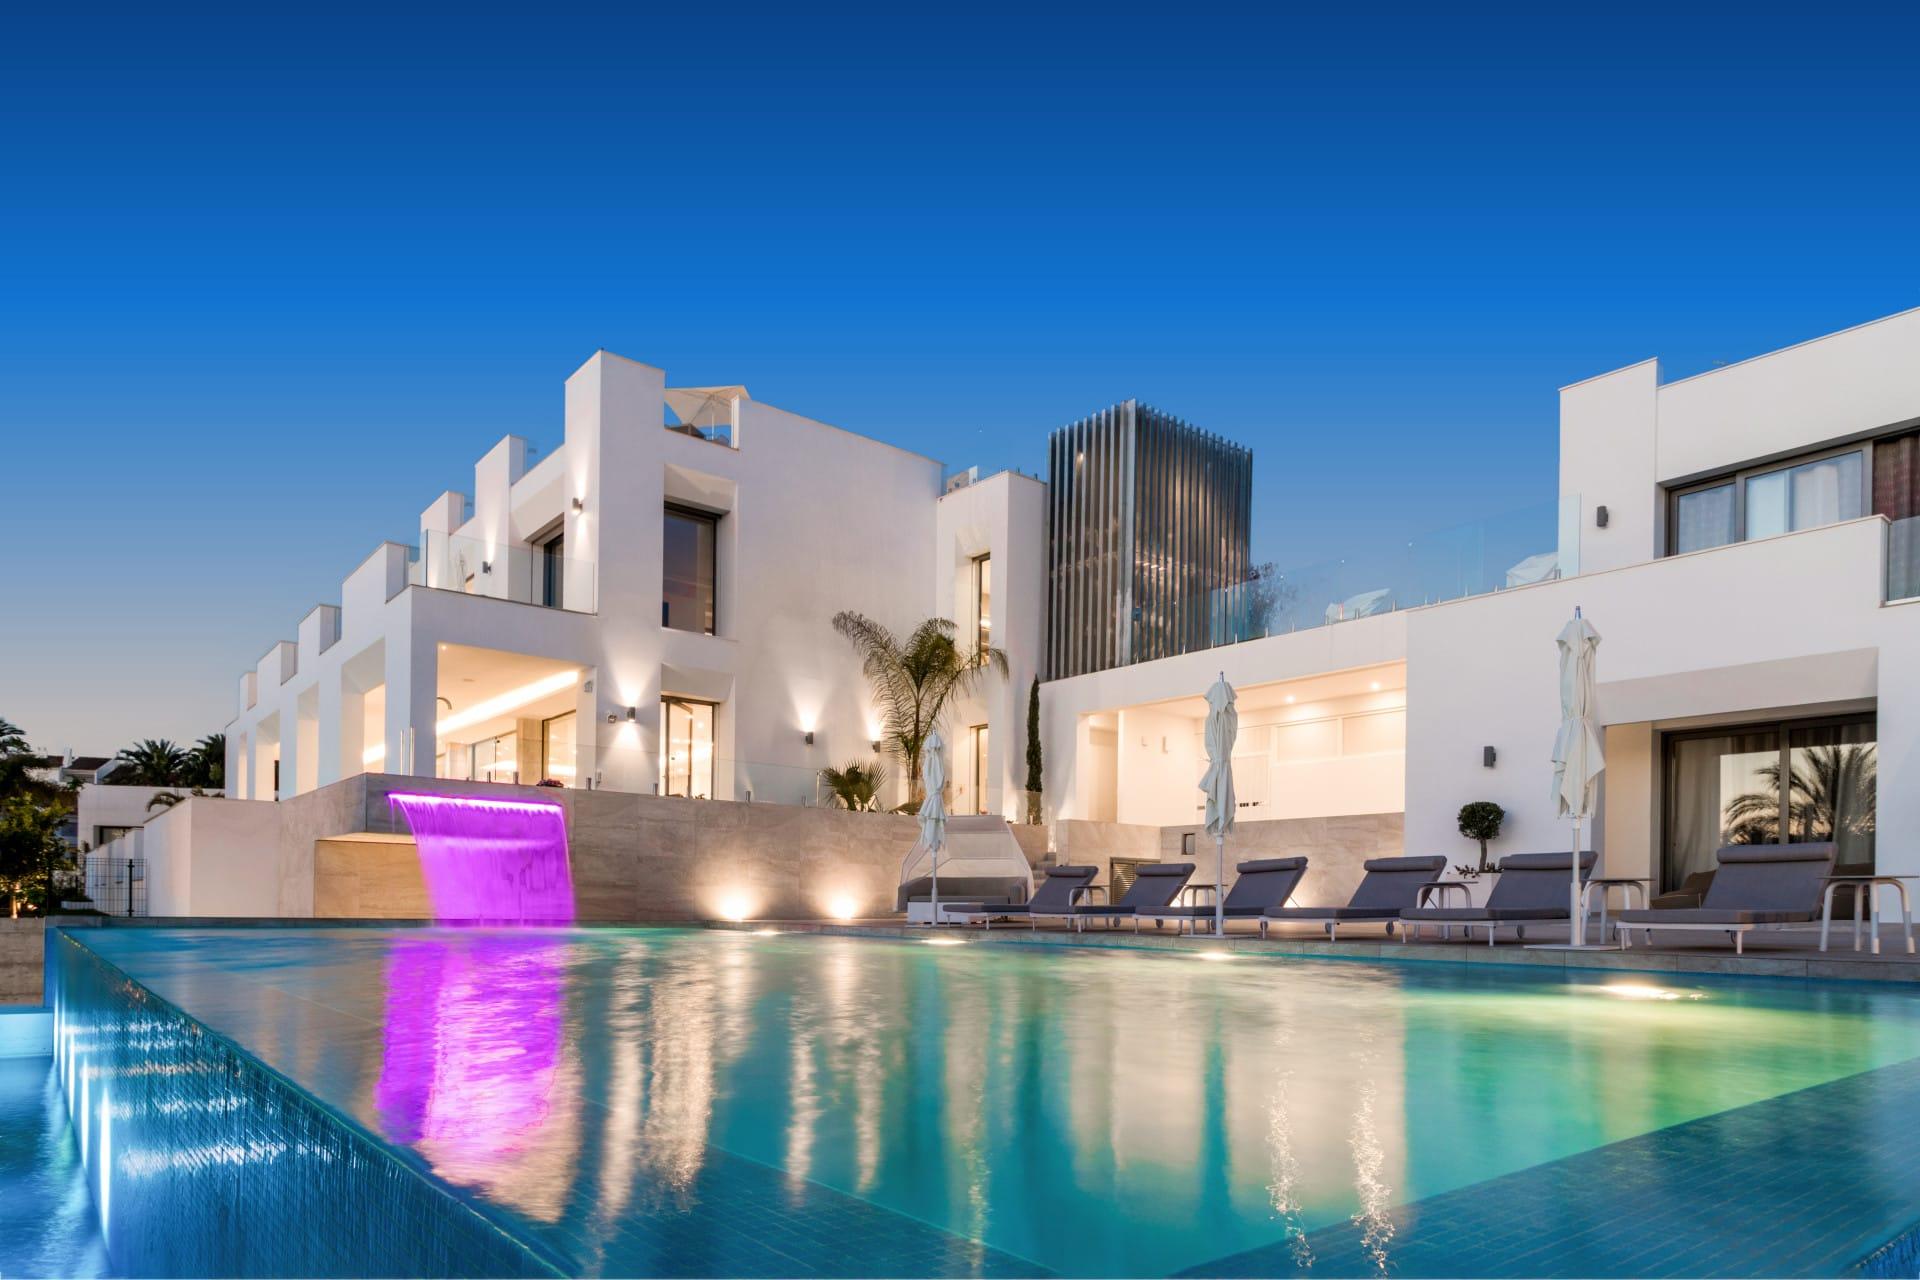 Magnifica y moderna Villa de lujo en venta en Nueva Andalucía, Marbella